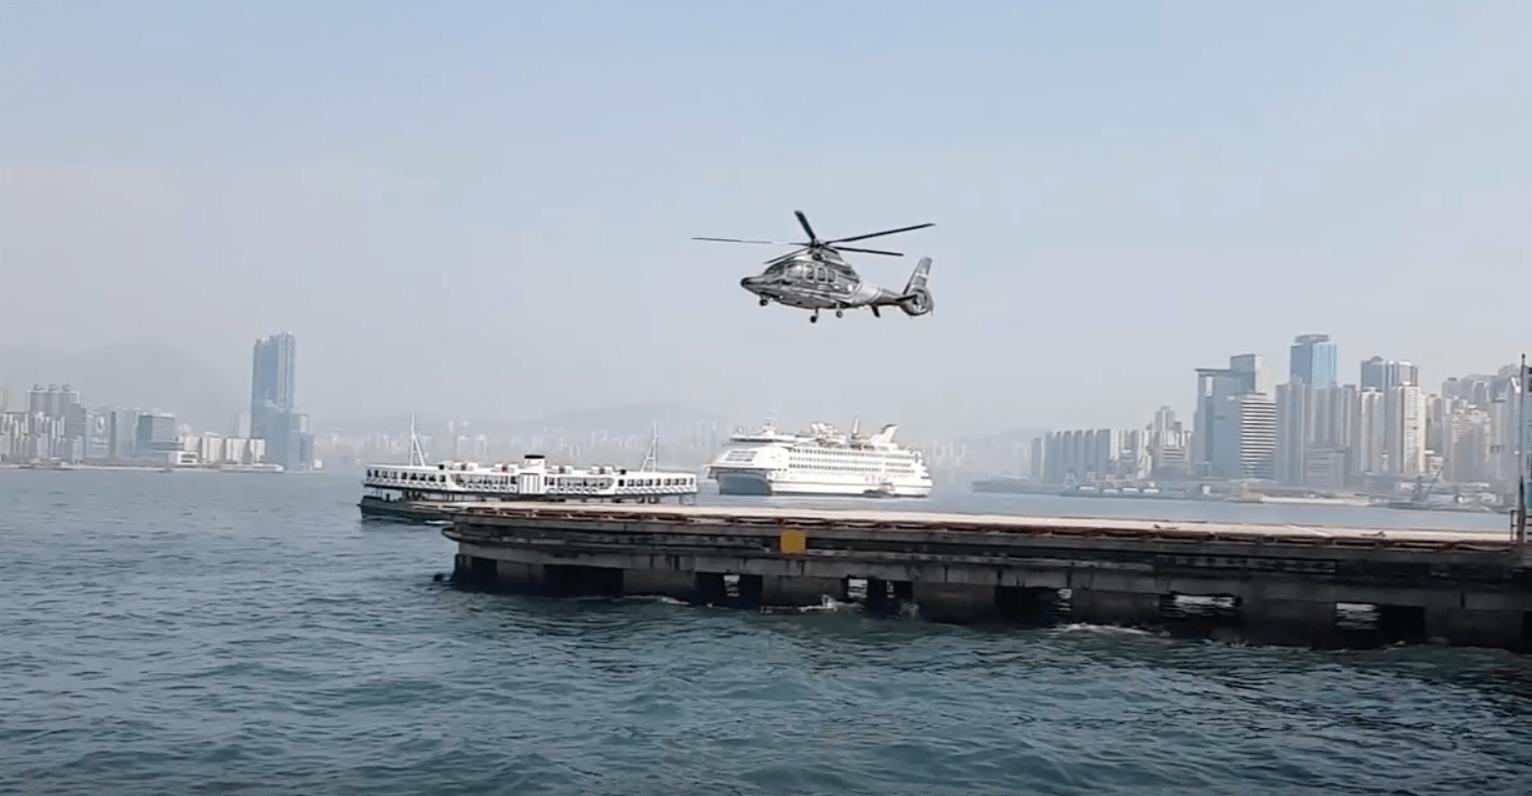 直升機不用轉動螺旋槳都能起飛?攝影常識話你知